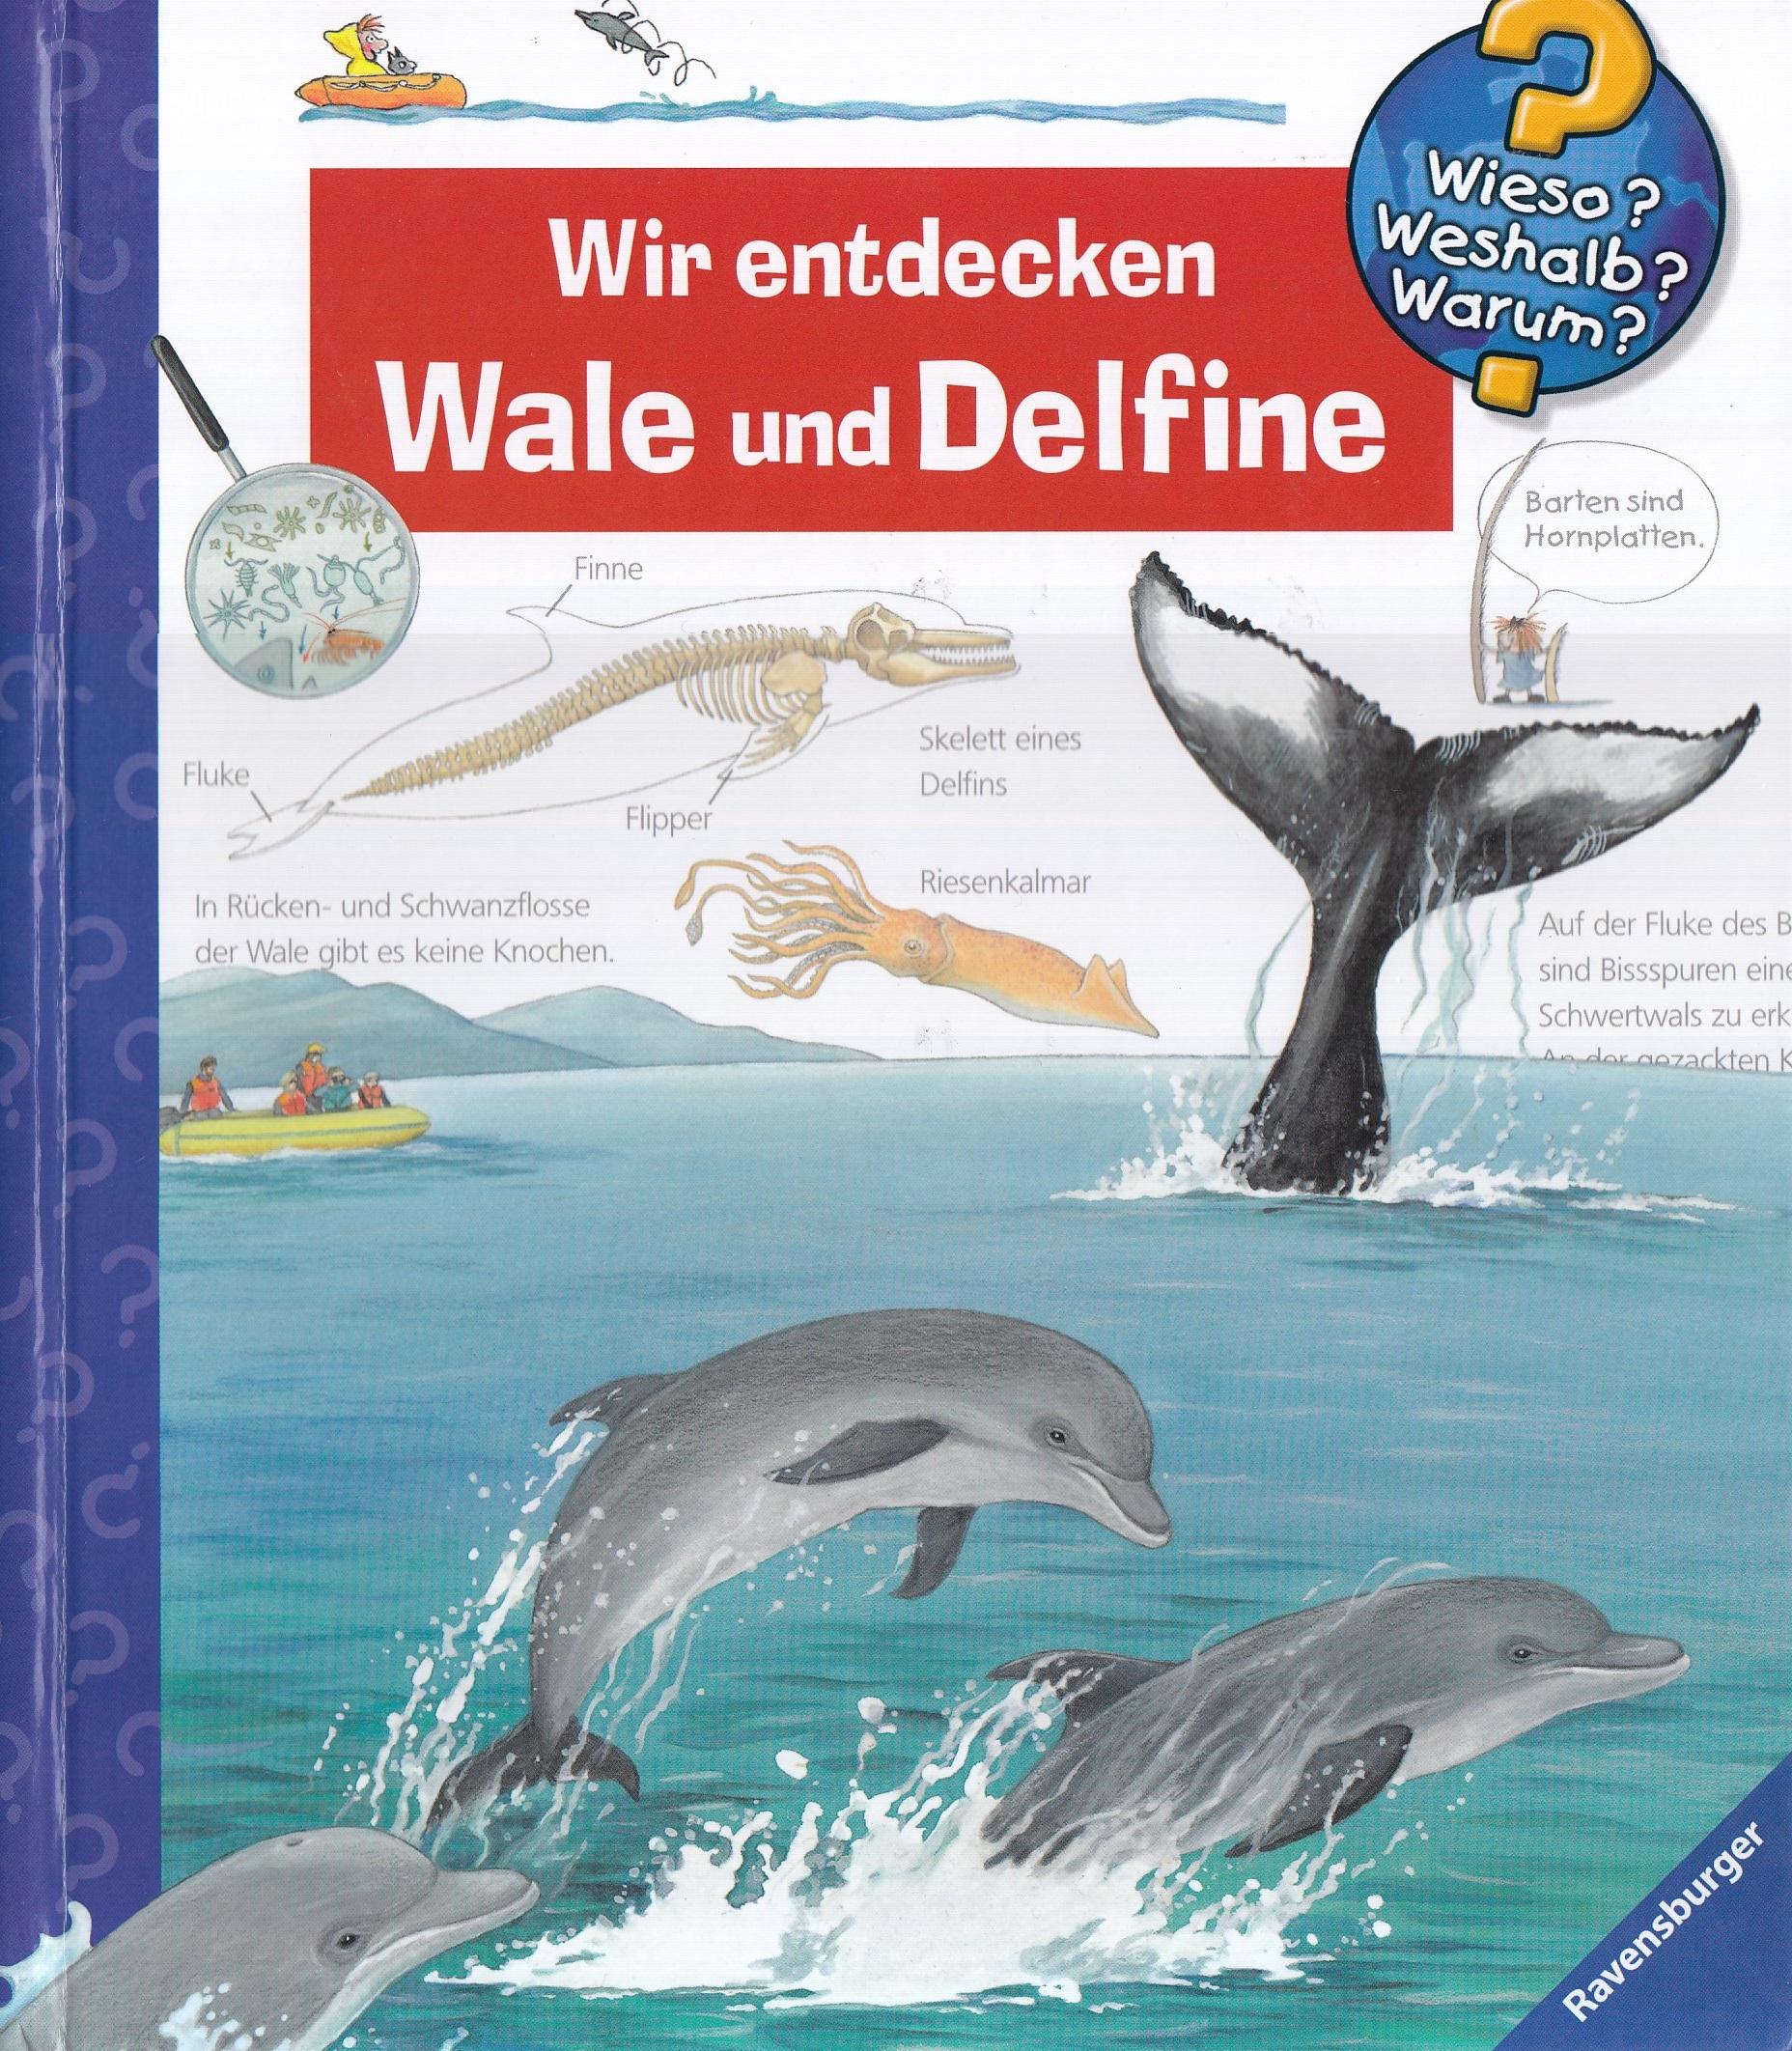 Wir entdecken Wale und Delfine (Wieso? Weshalb? Warum?) - Doris Rübel